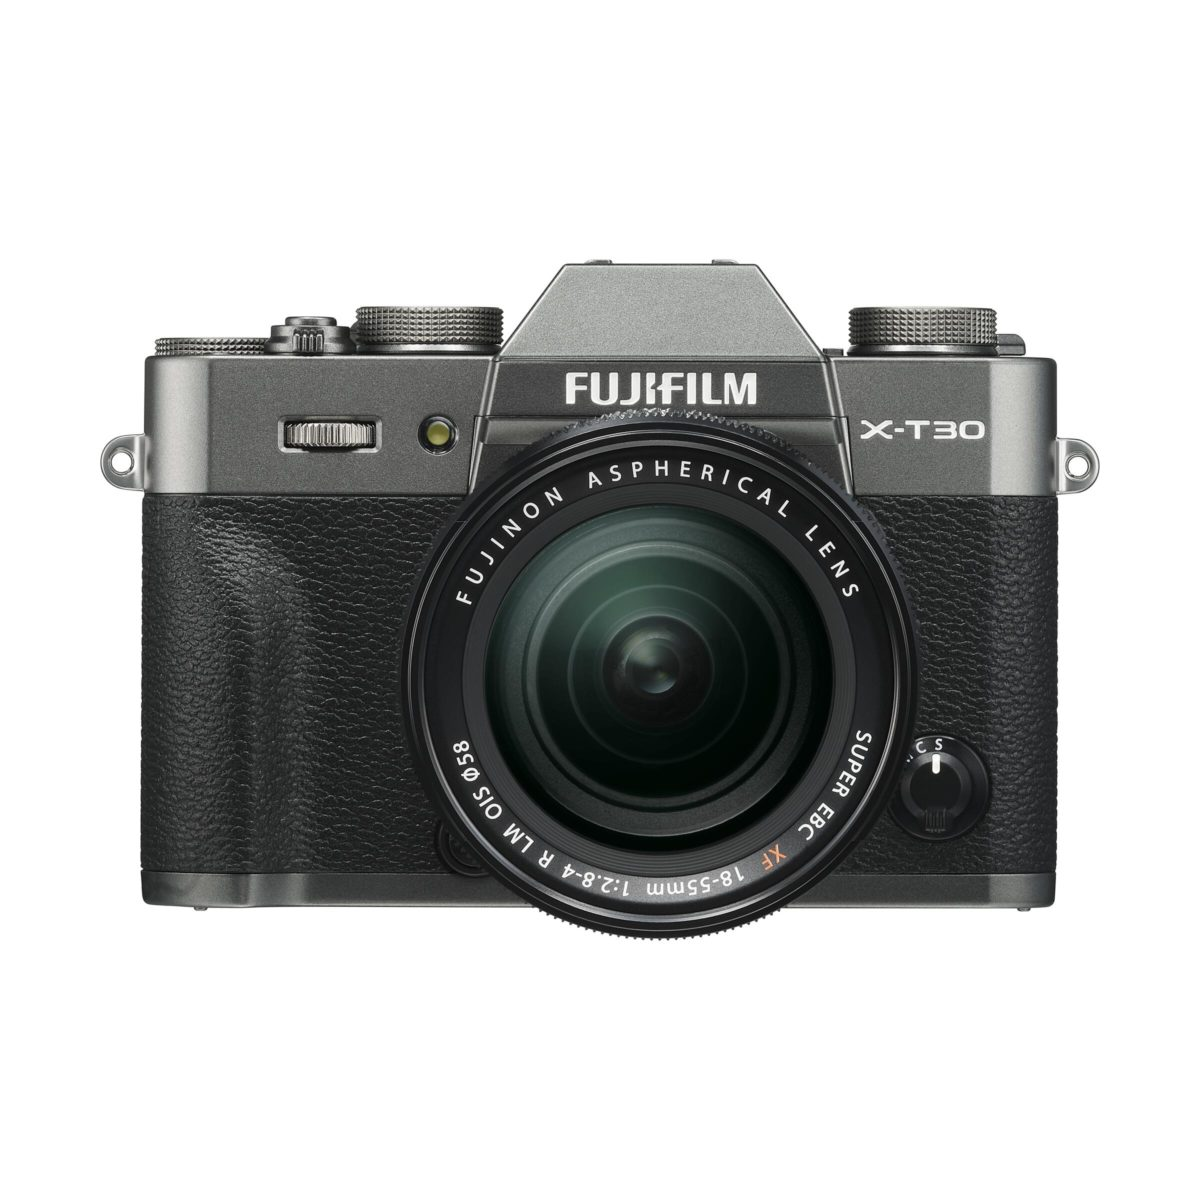 fujifilm_xt30_xf_1855_r_lm_ois_cc_01